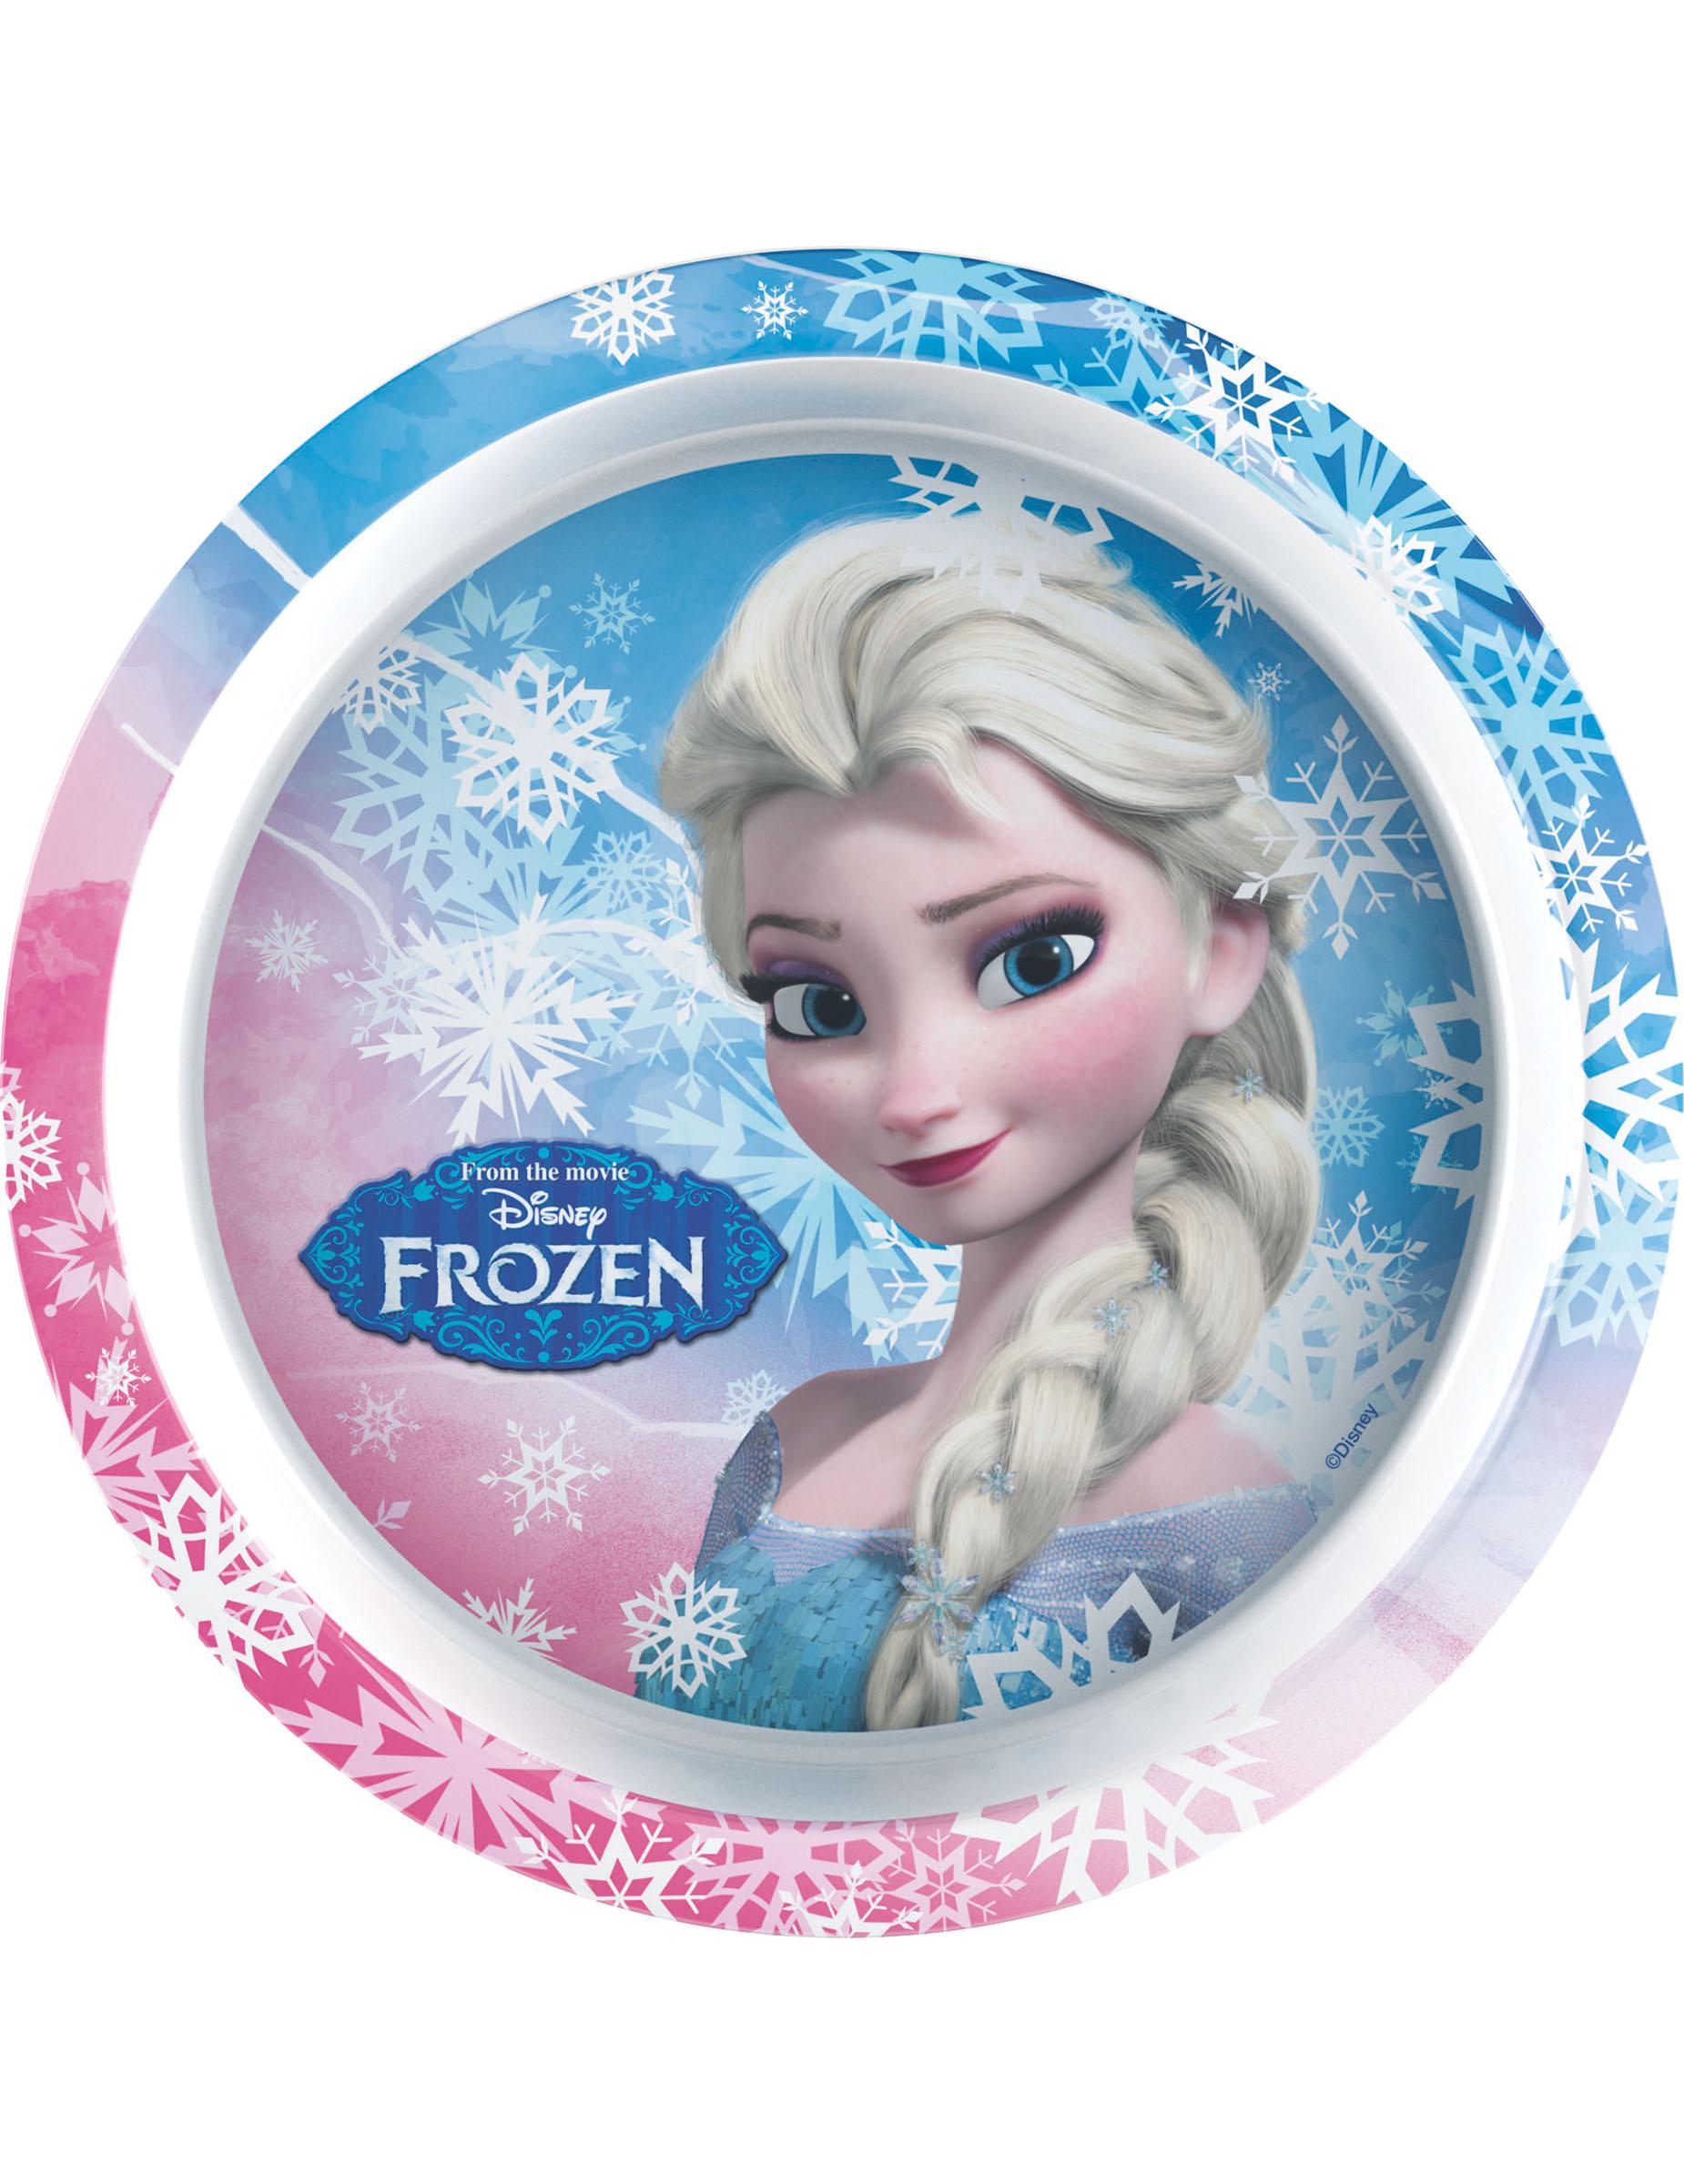 assiette en plastique la reine des neiges 21 cm d coration anniversaire et f tes th me sur. Black Bedroom Furniture Sets. Home Design Ideas